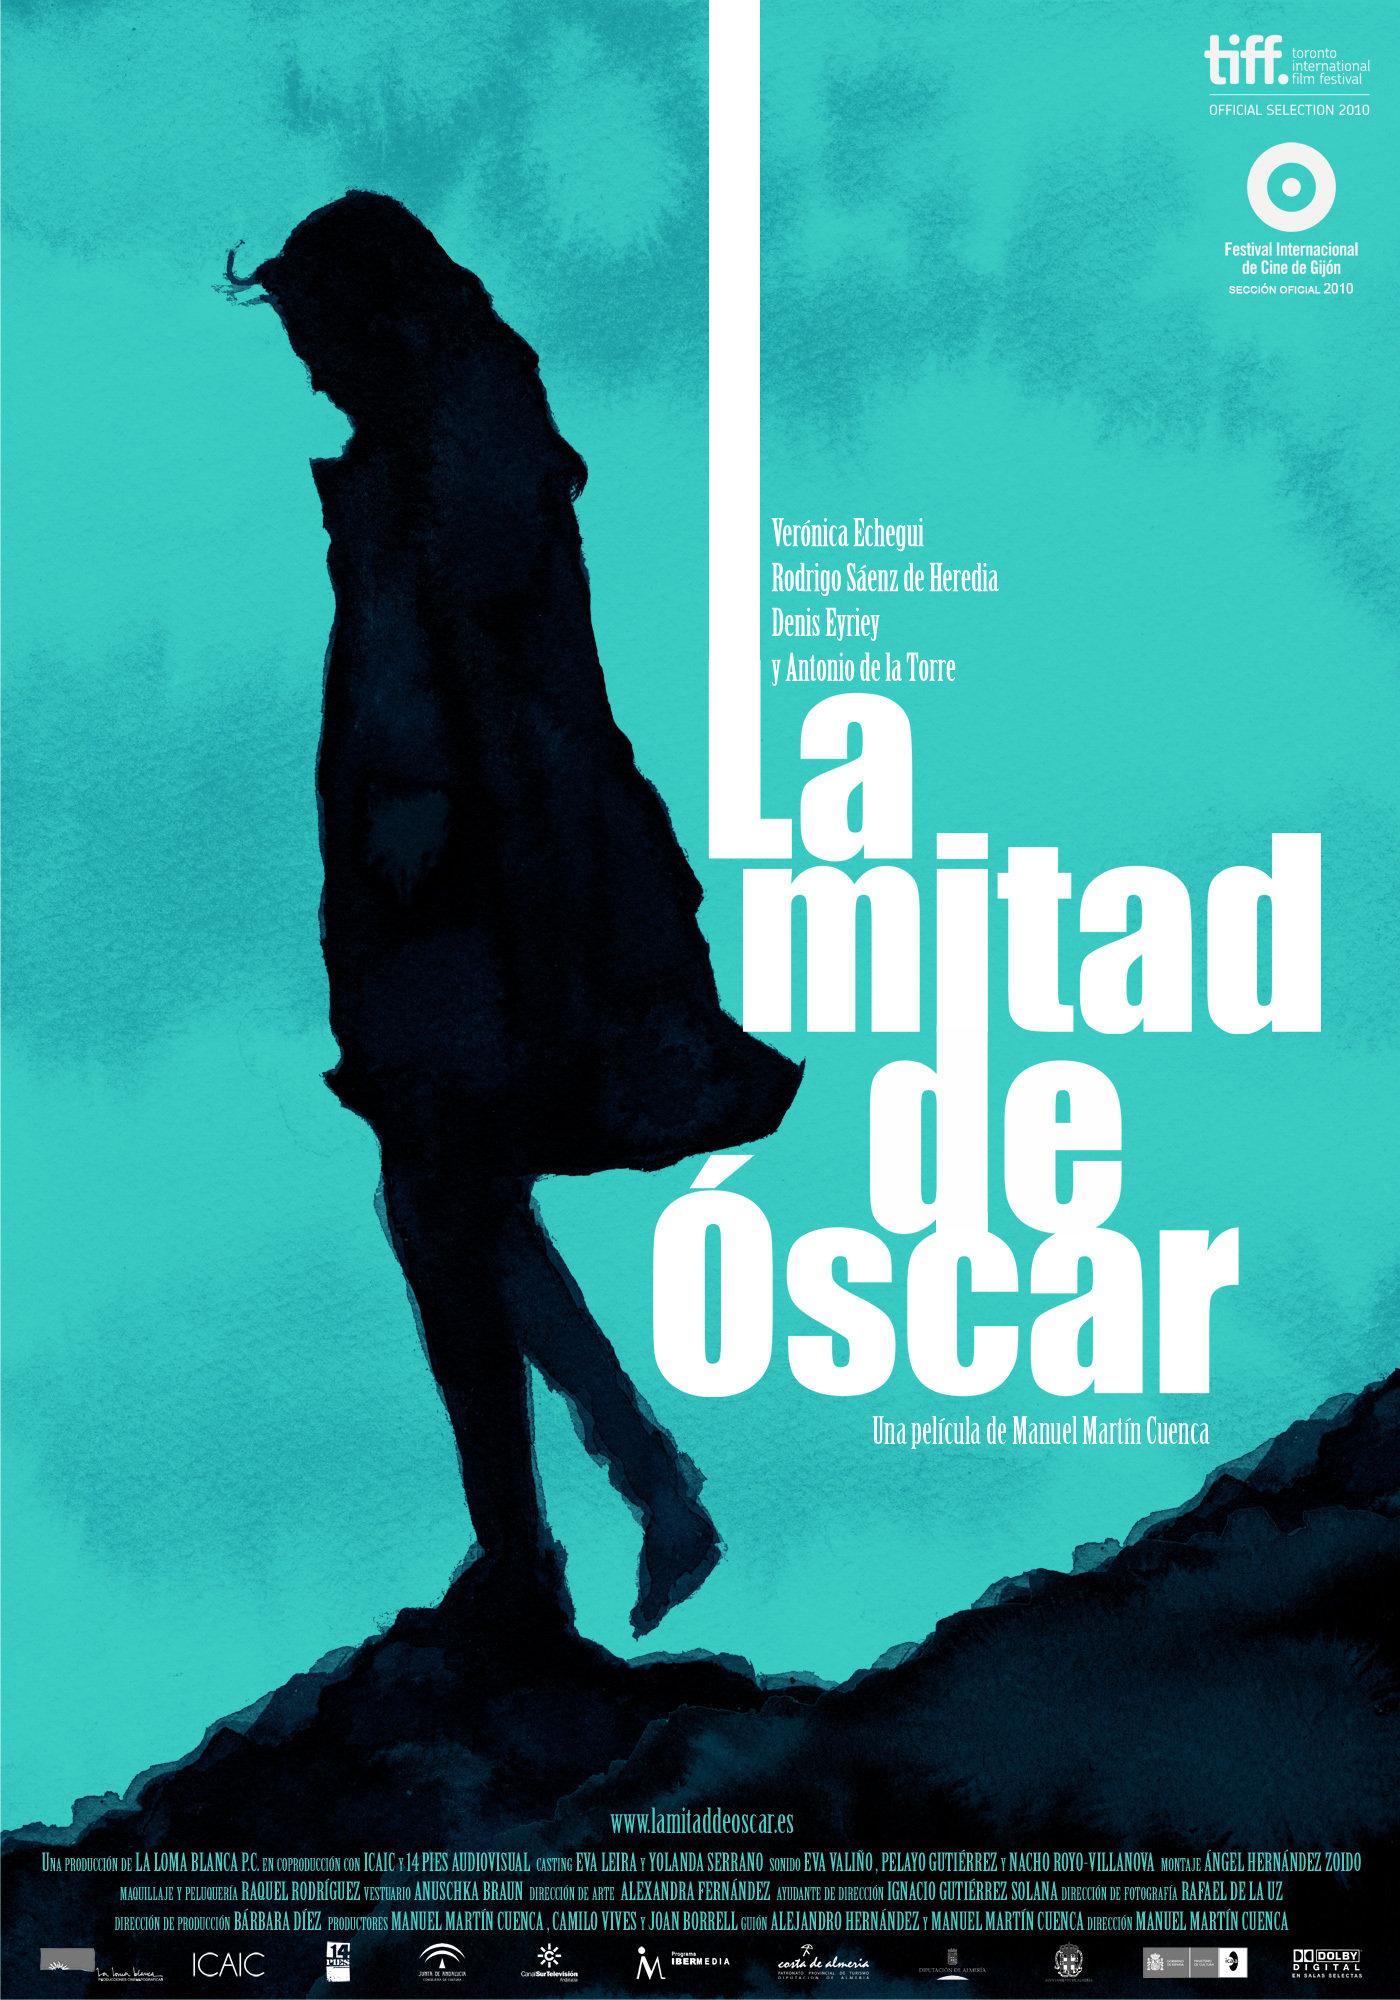 Half of Oscar kapak